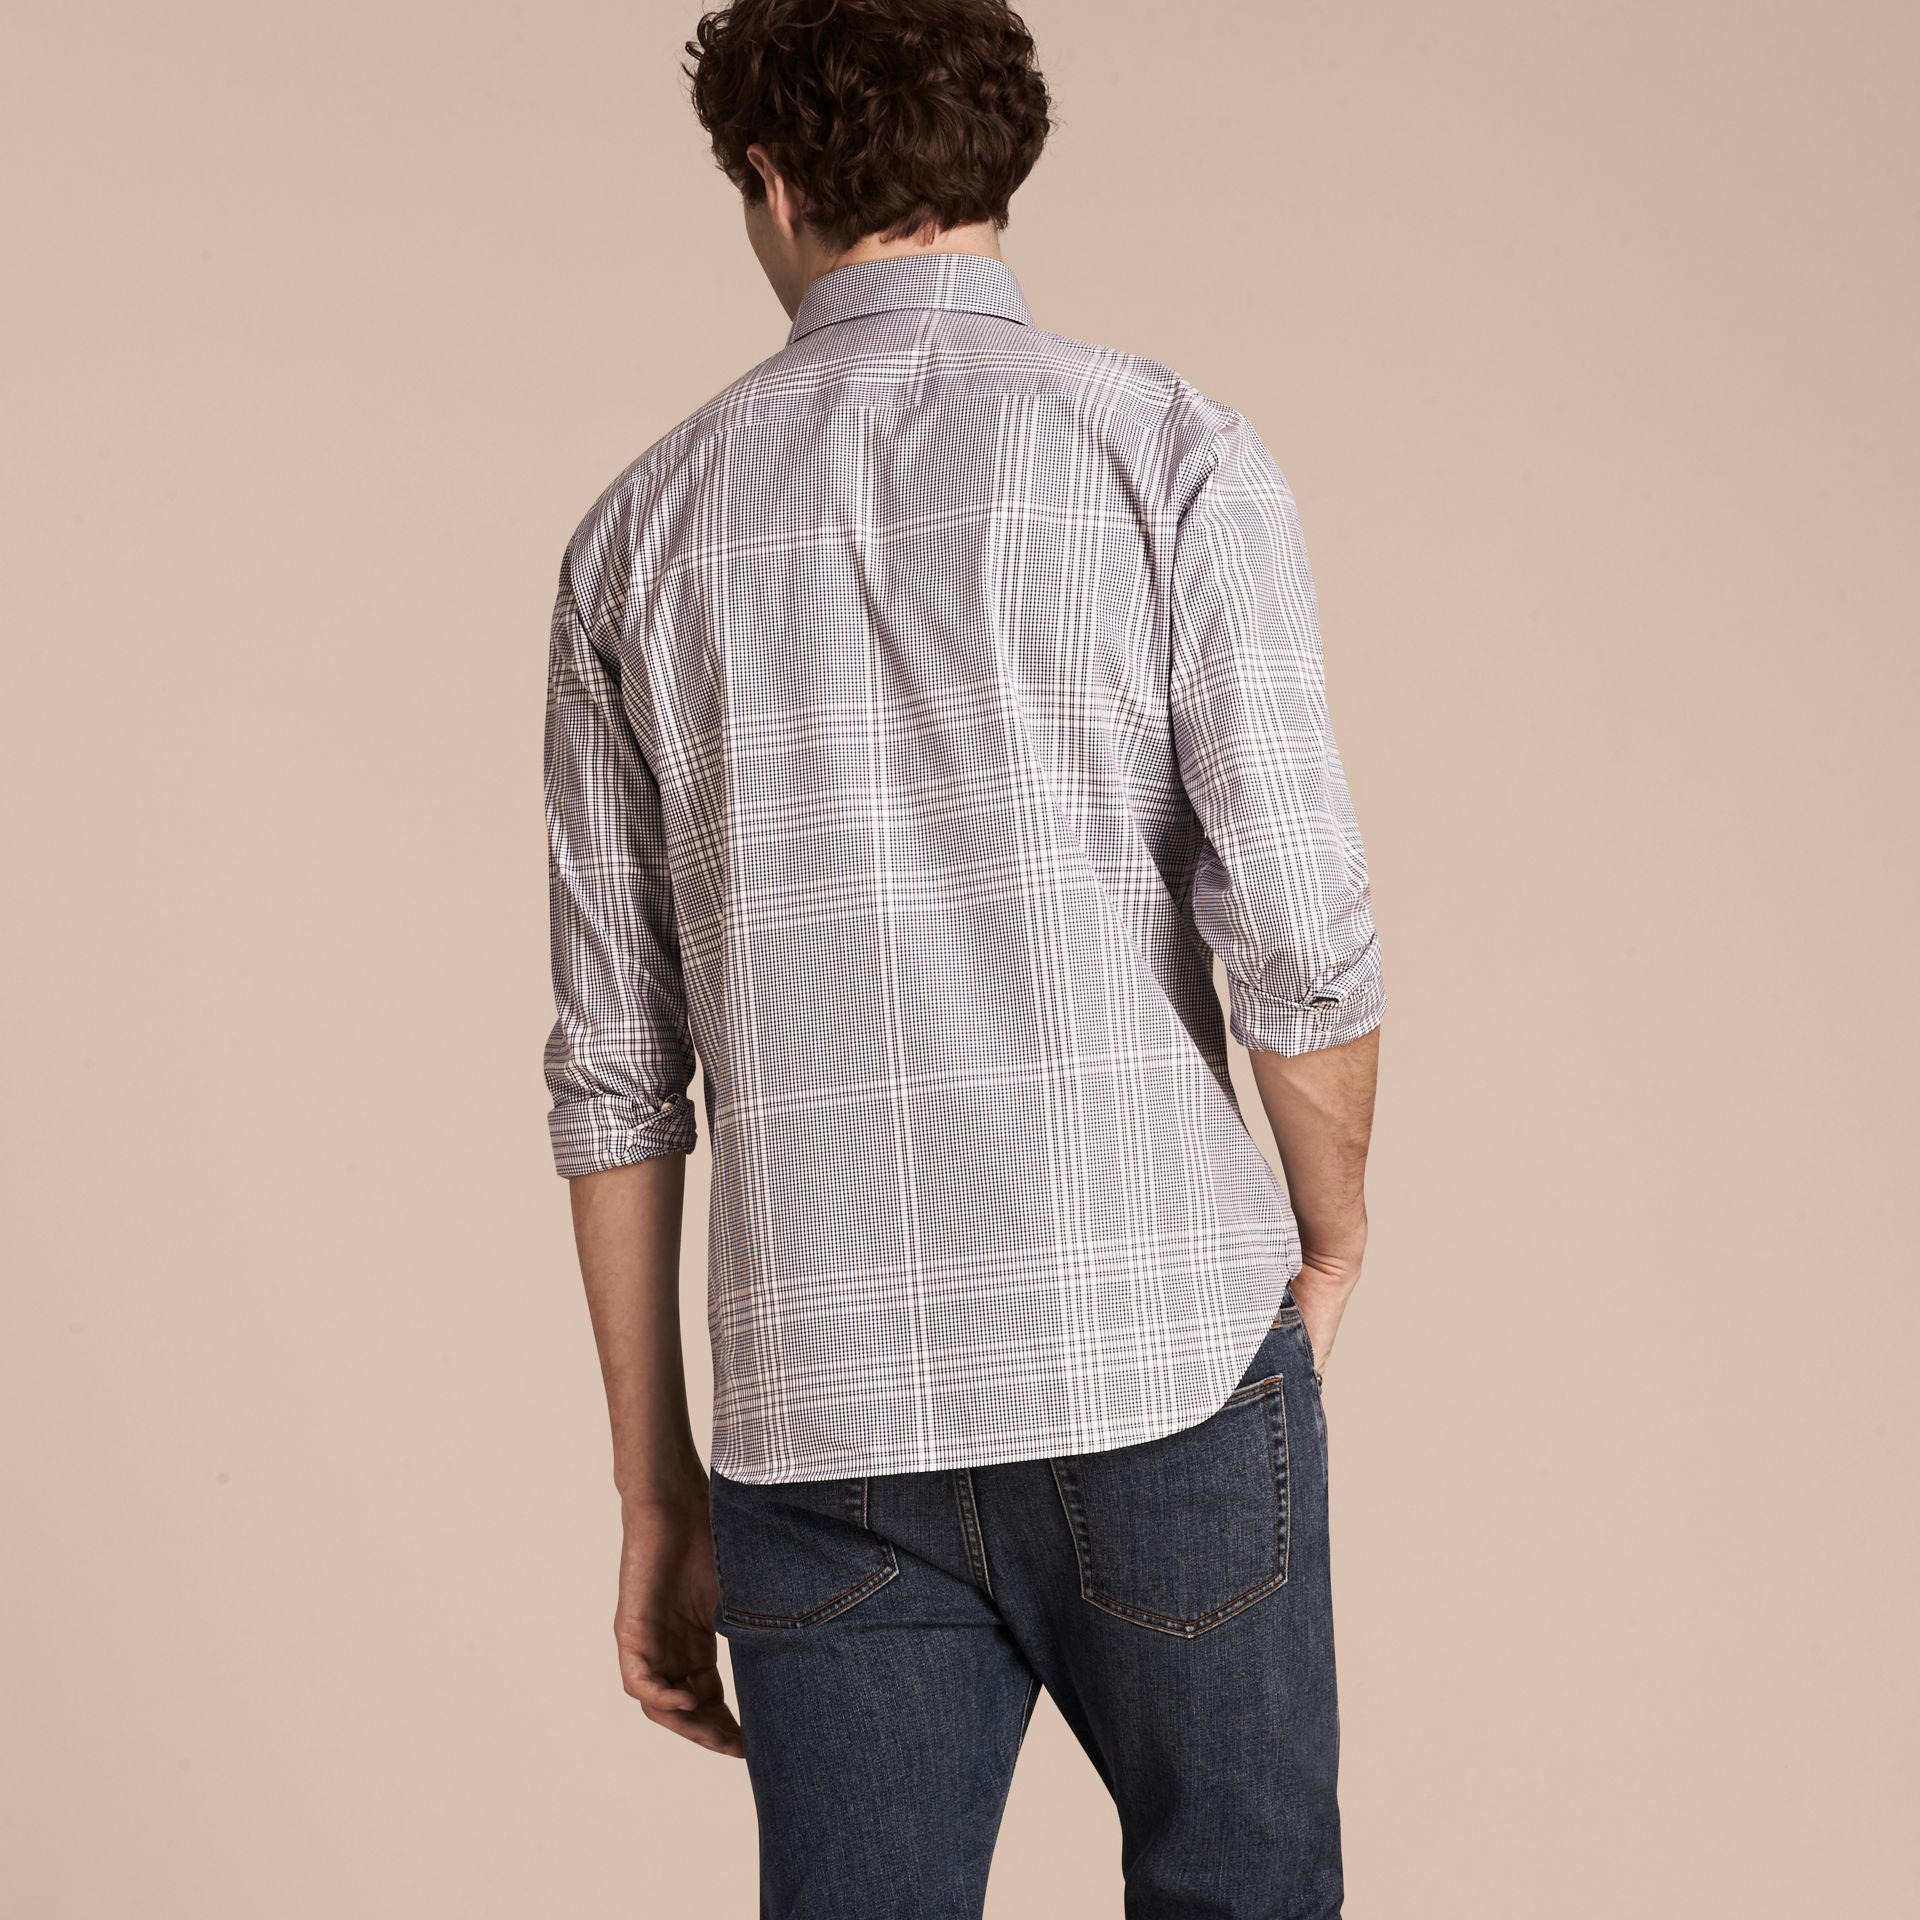 ブライトネイビー チェック コットンシャツ ブライトネイビー - ギャラリーイメージ 3